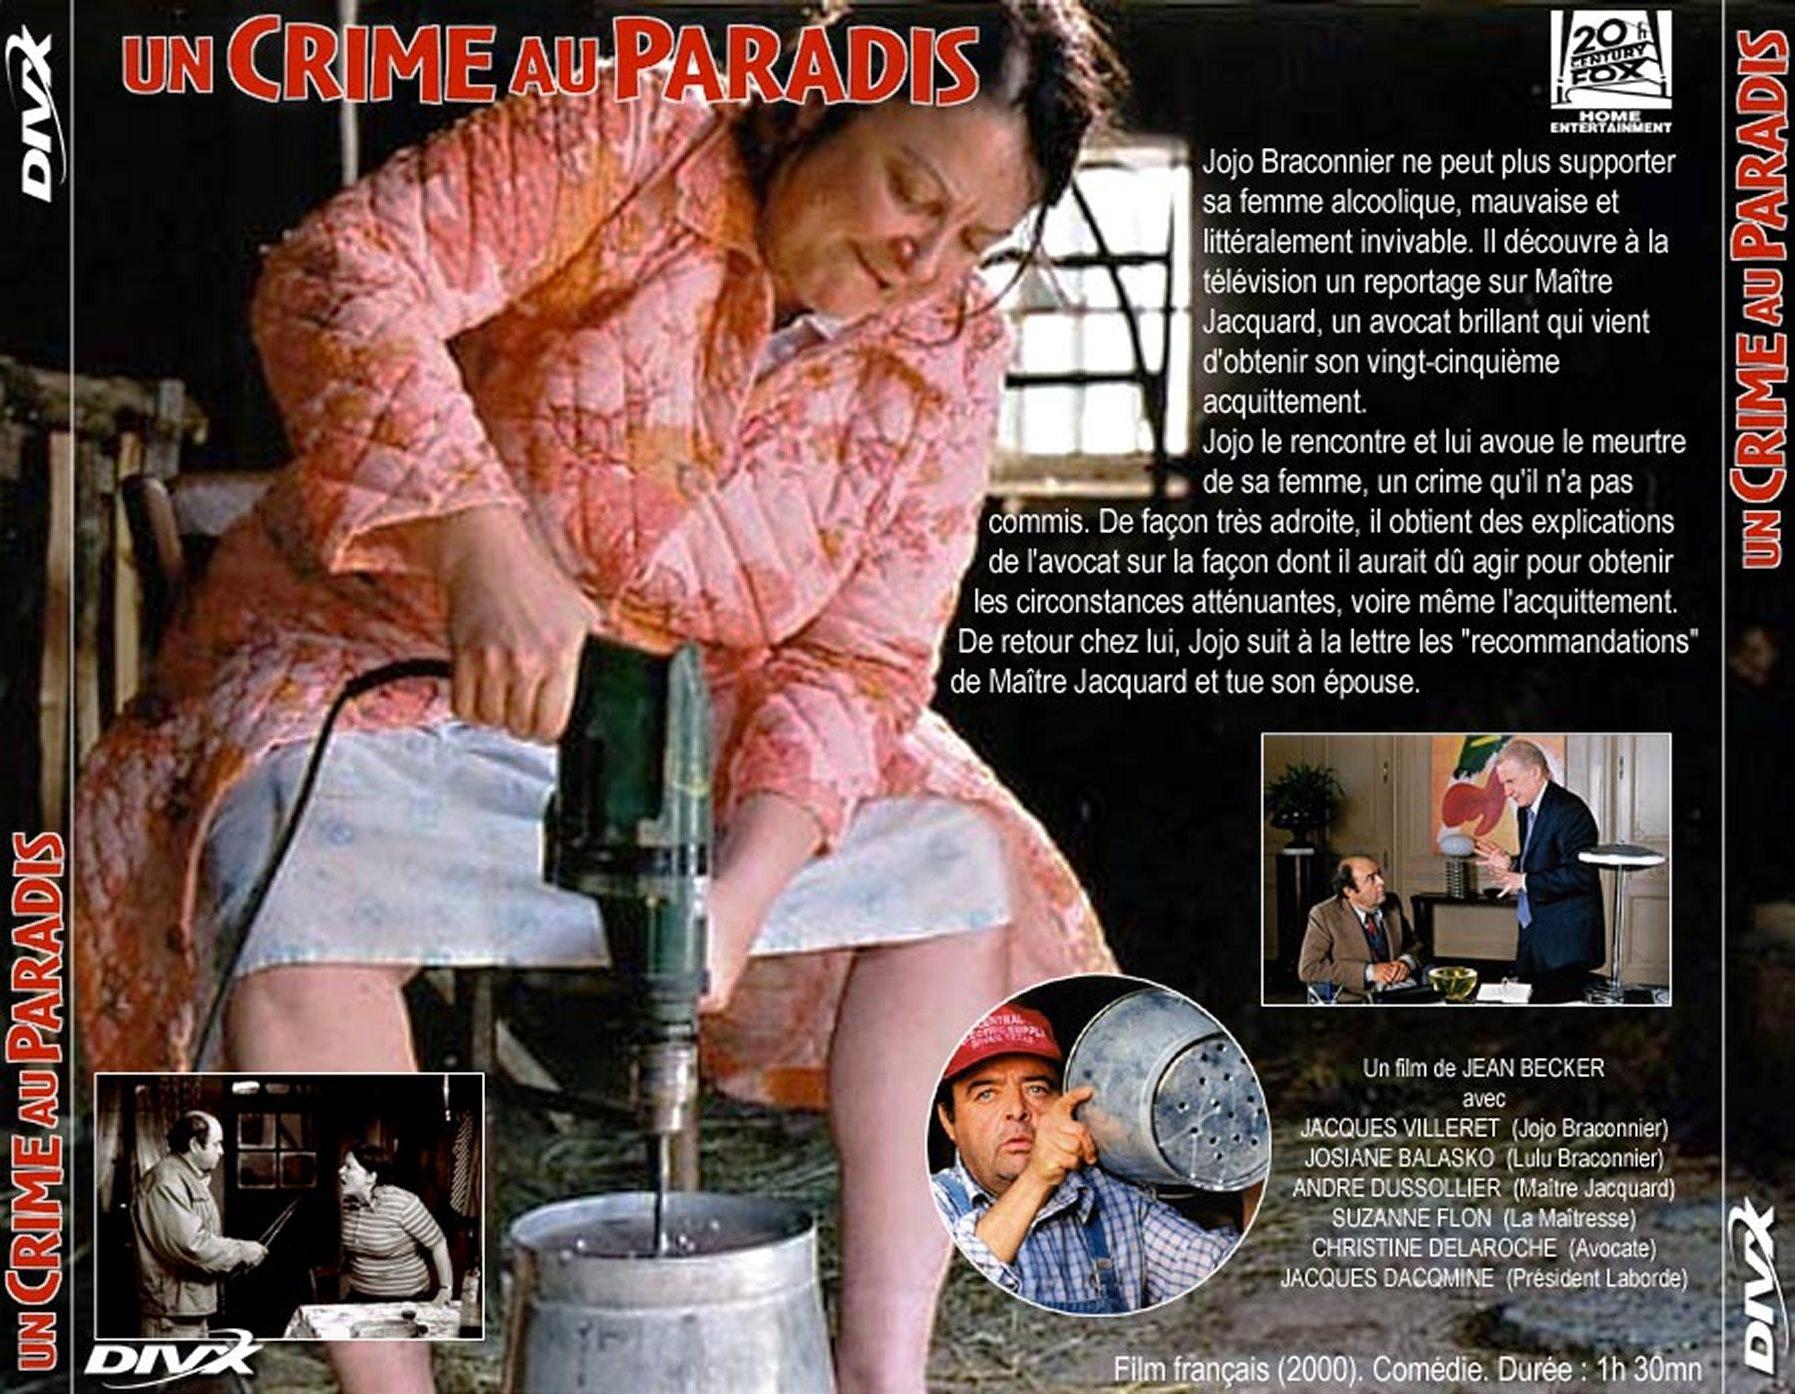 crime au paradis film